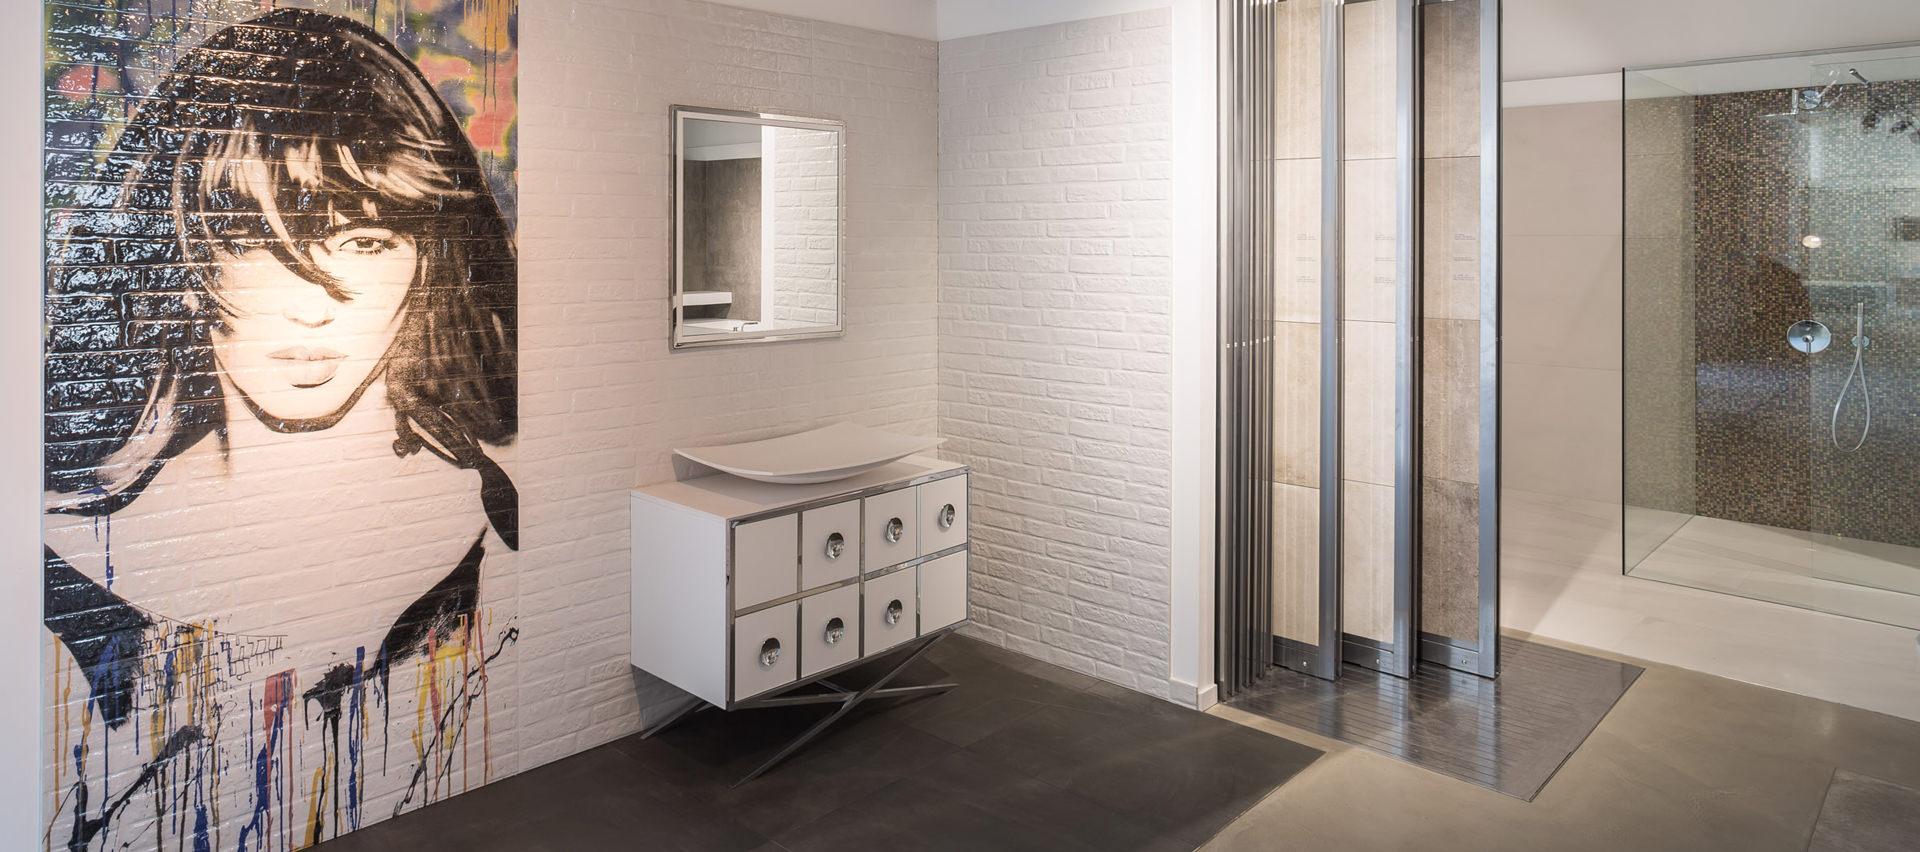 fliesenausstellung von natursteinfliesen in pulheim. Black Bedroom Furniture Sets. Home Design Ideas